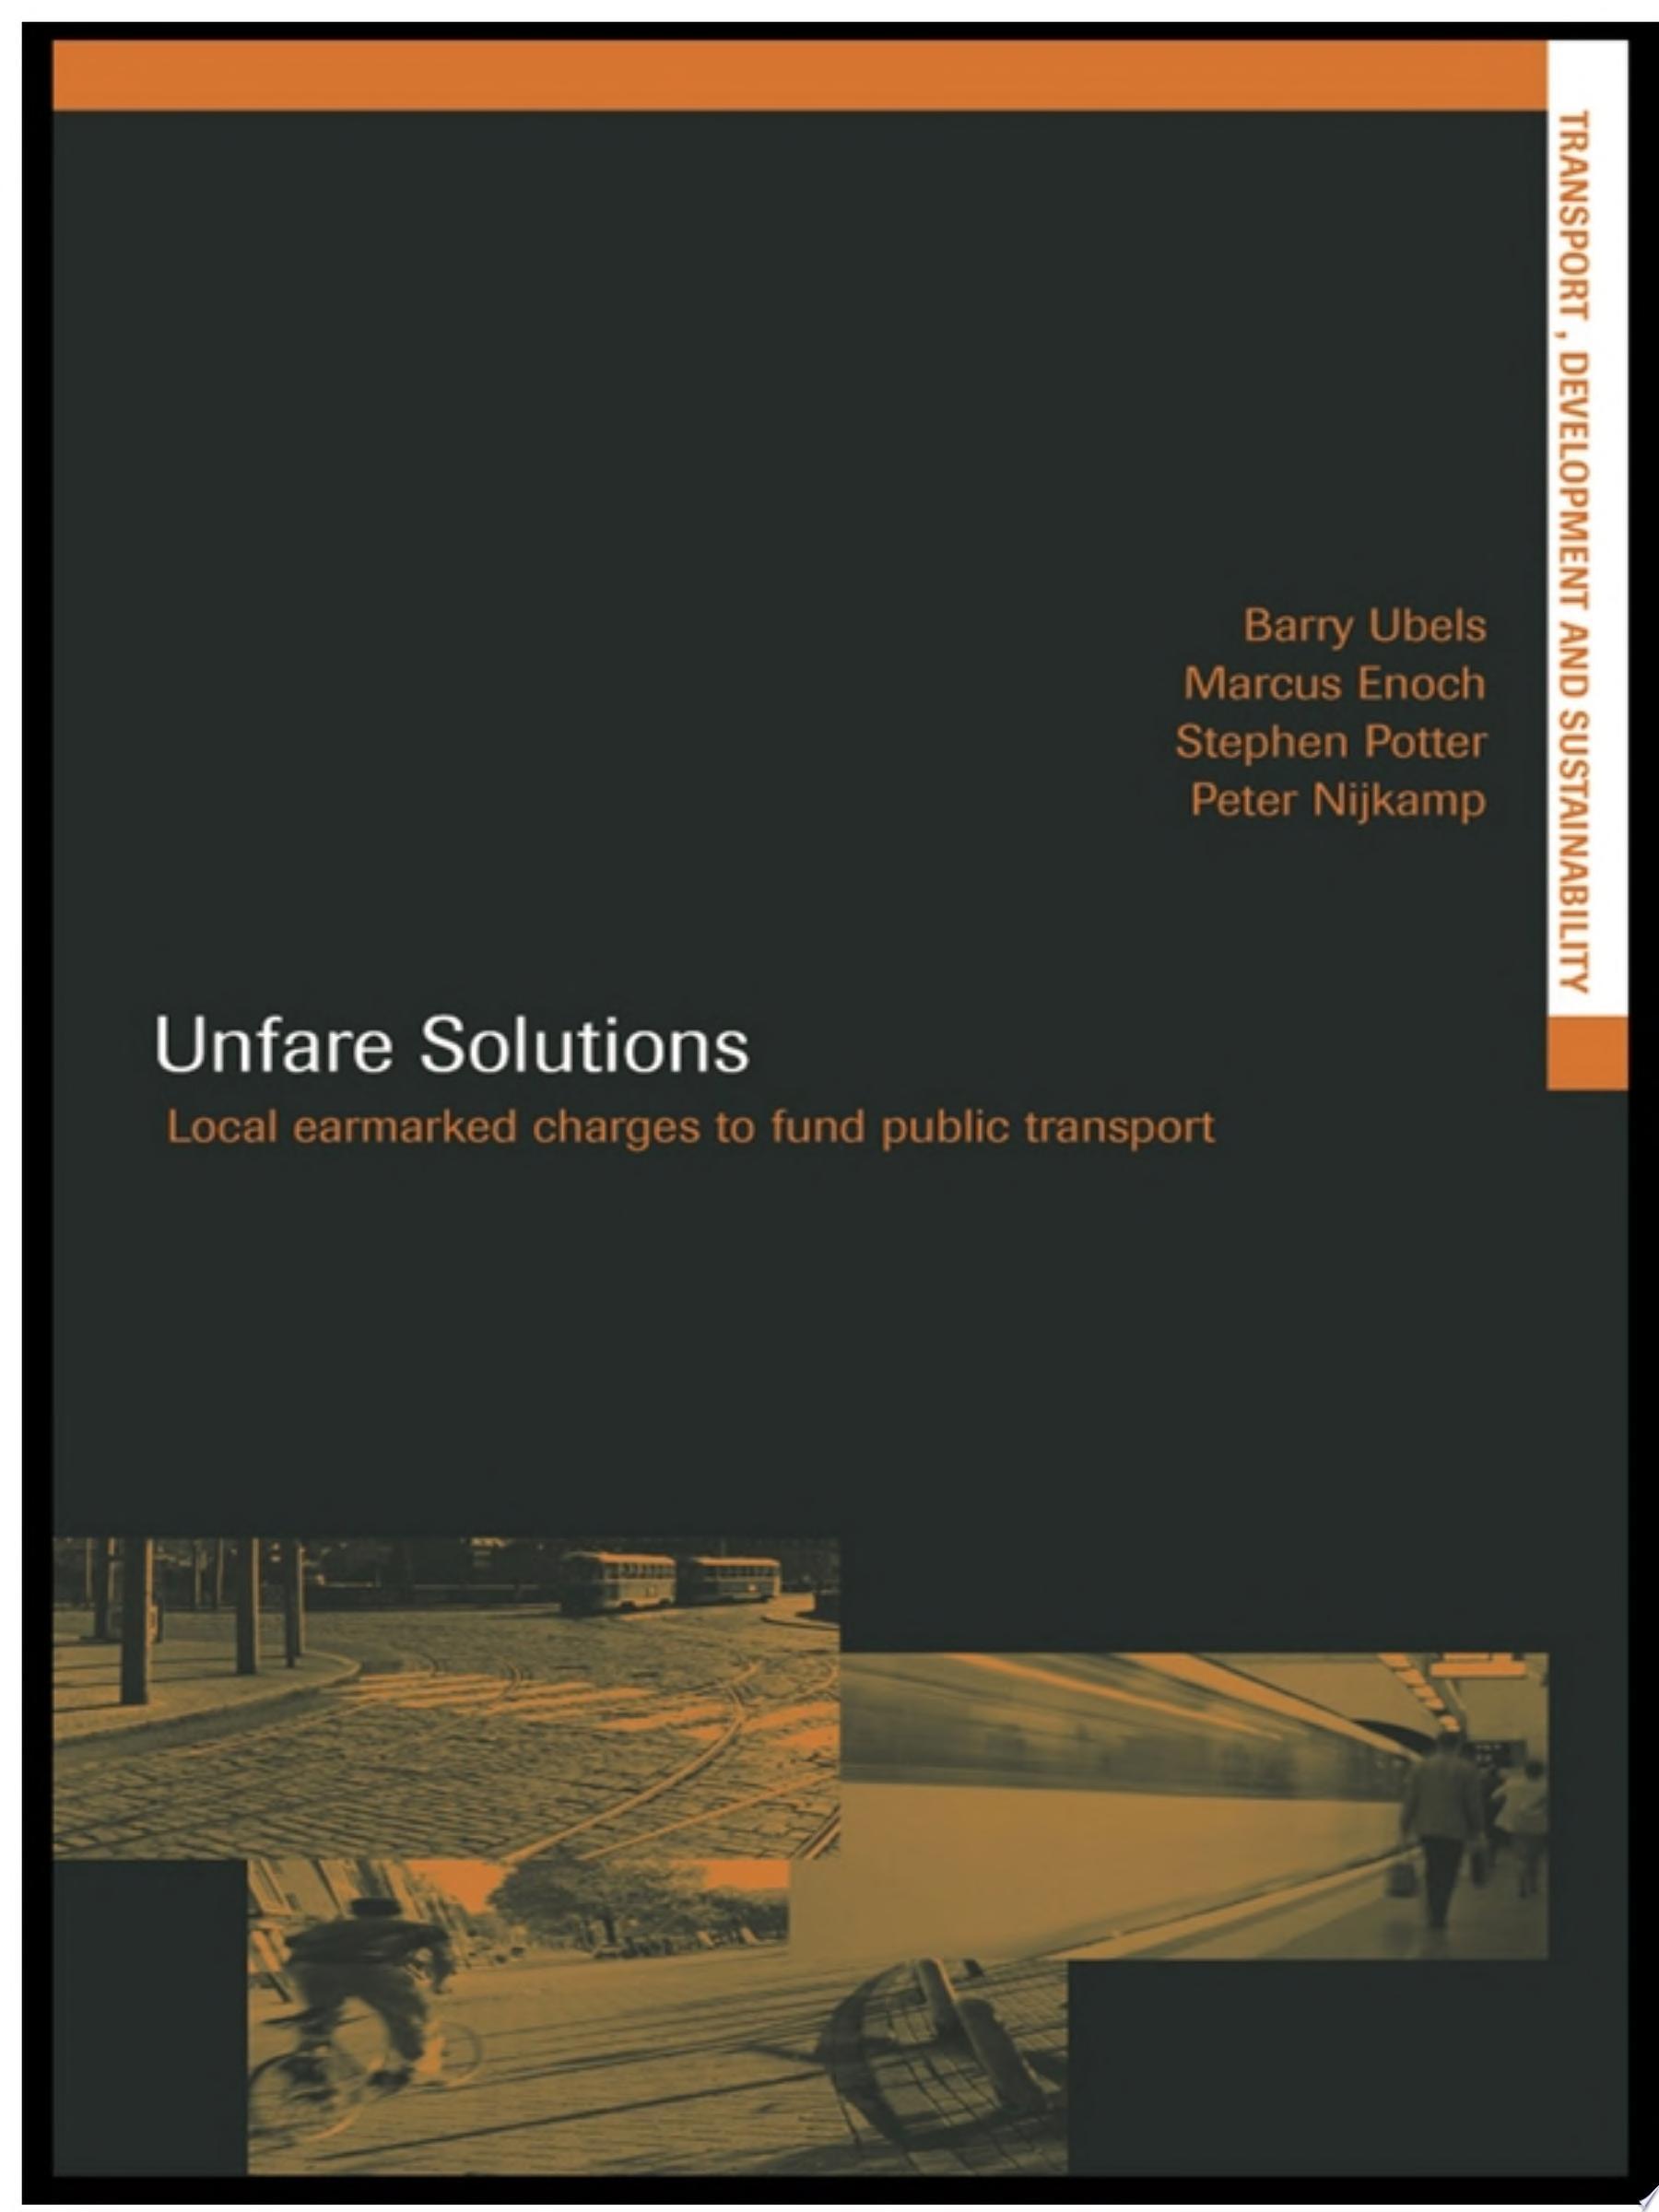 Unfare Solutions